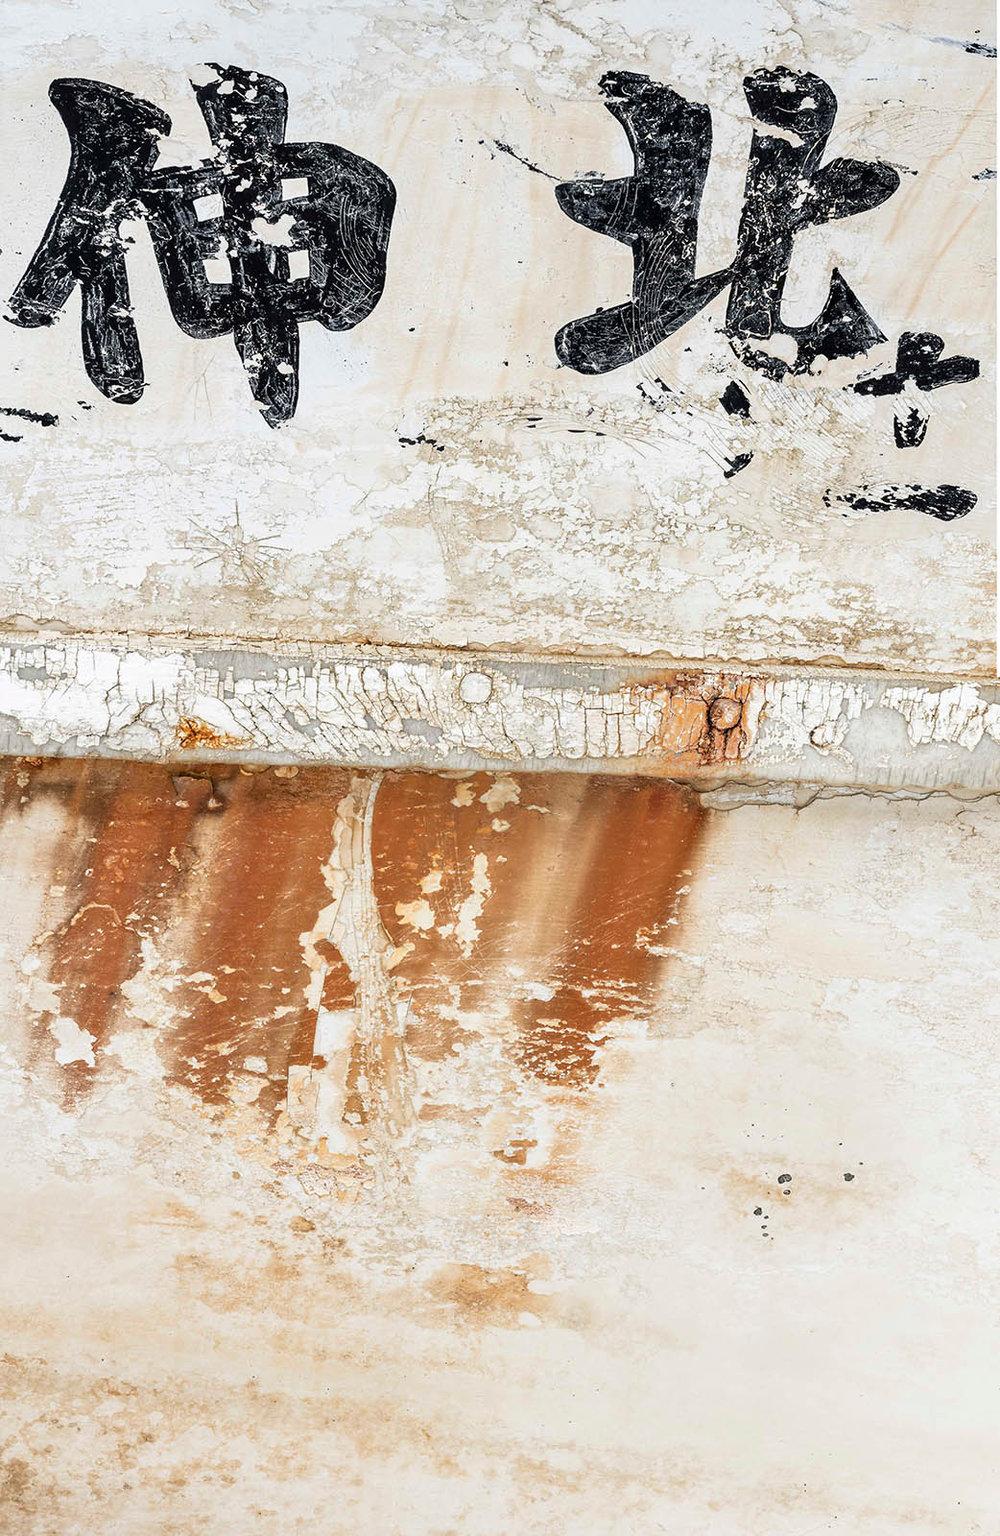 Barbara-Brown-Abstract_7.jpg